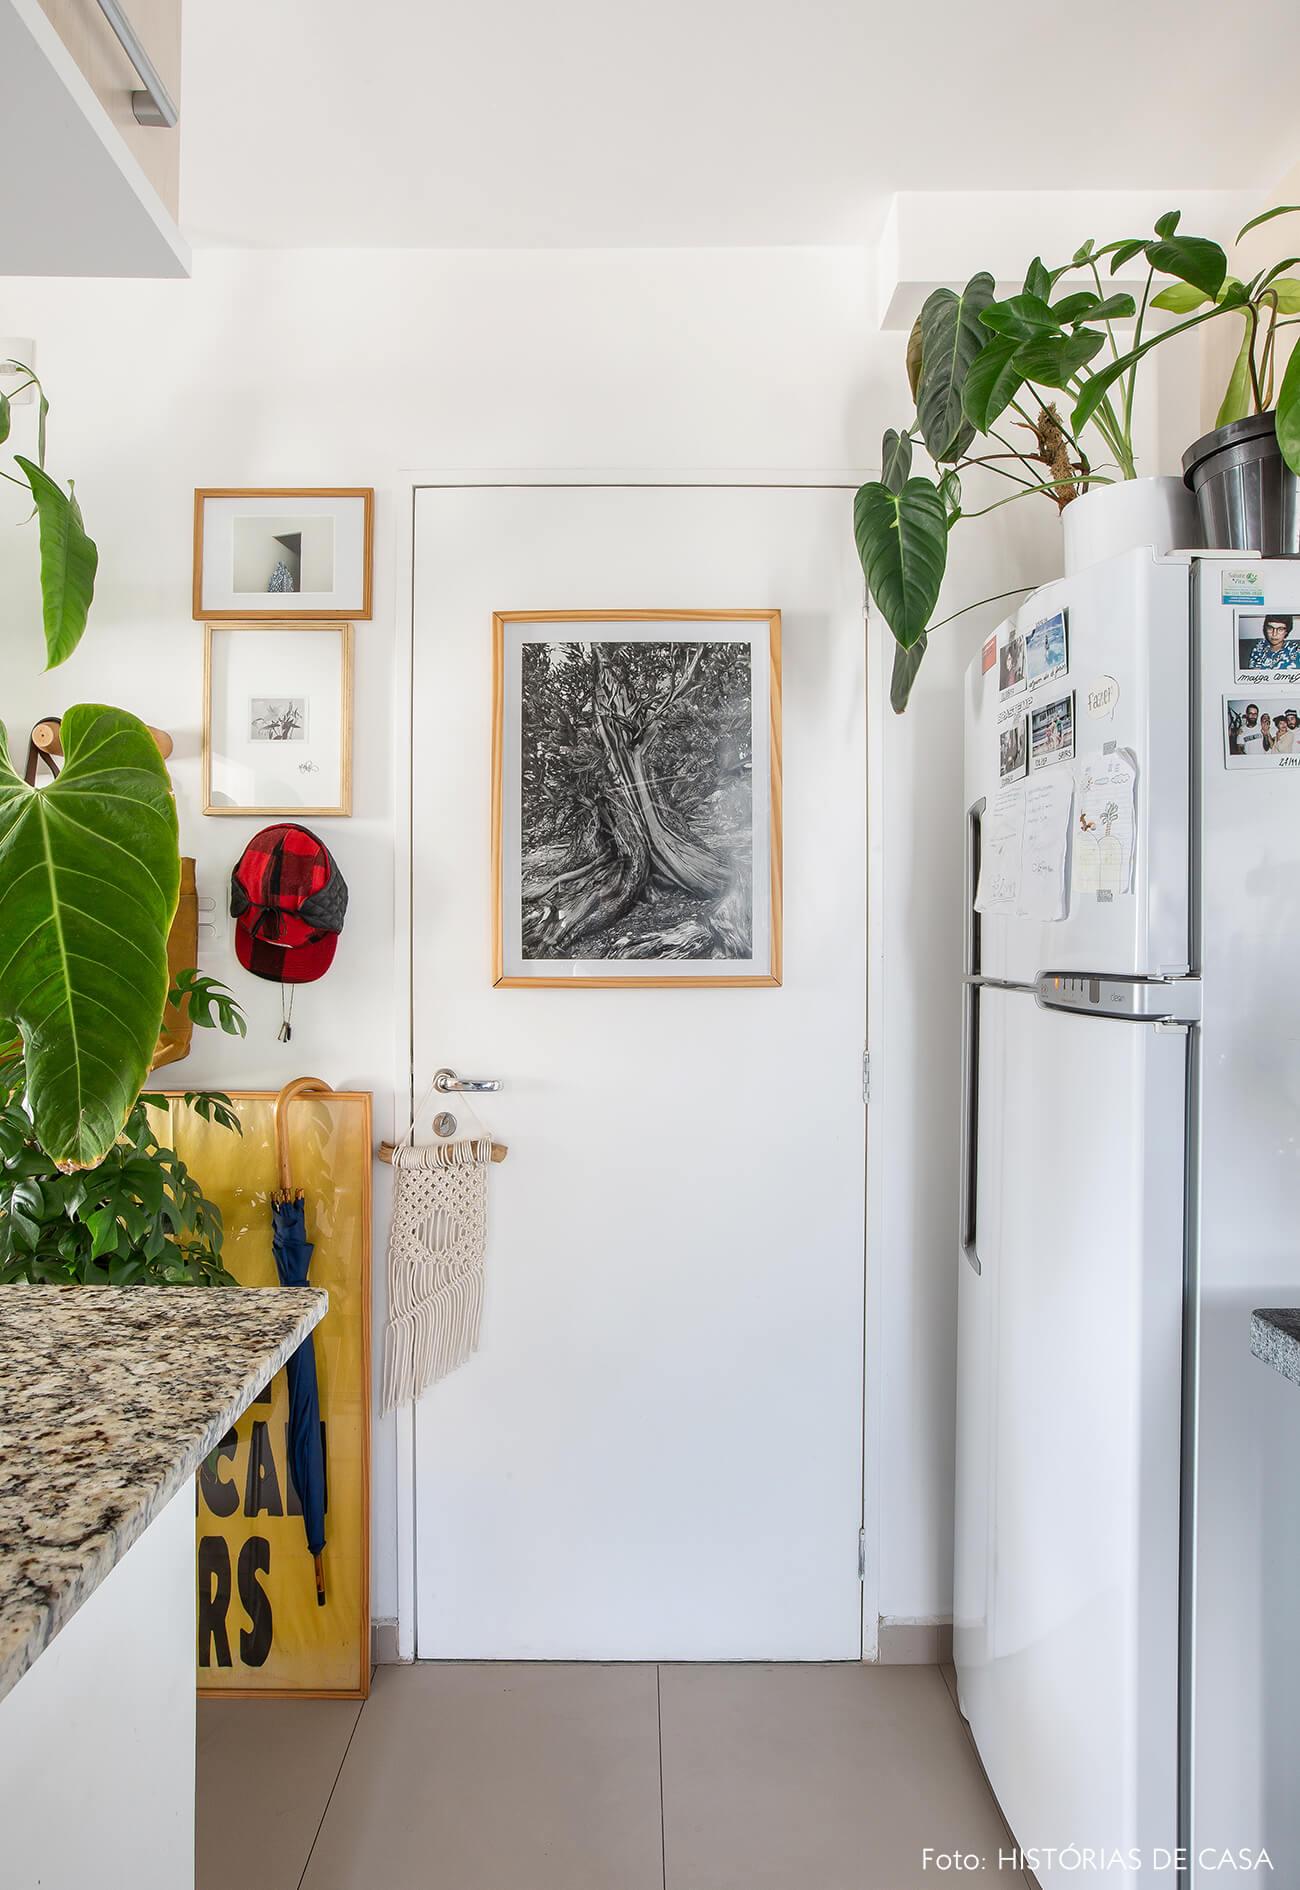 Apartamento pequeno com muitas plantas e cozinha integrada